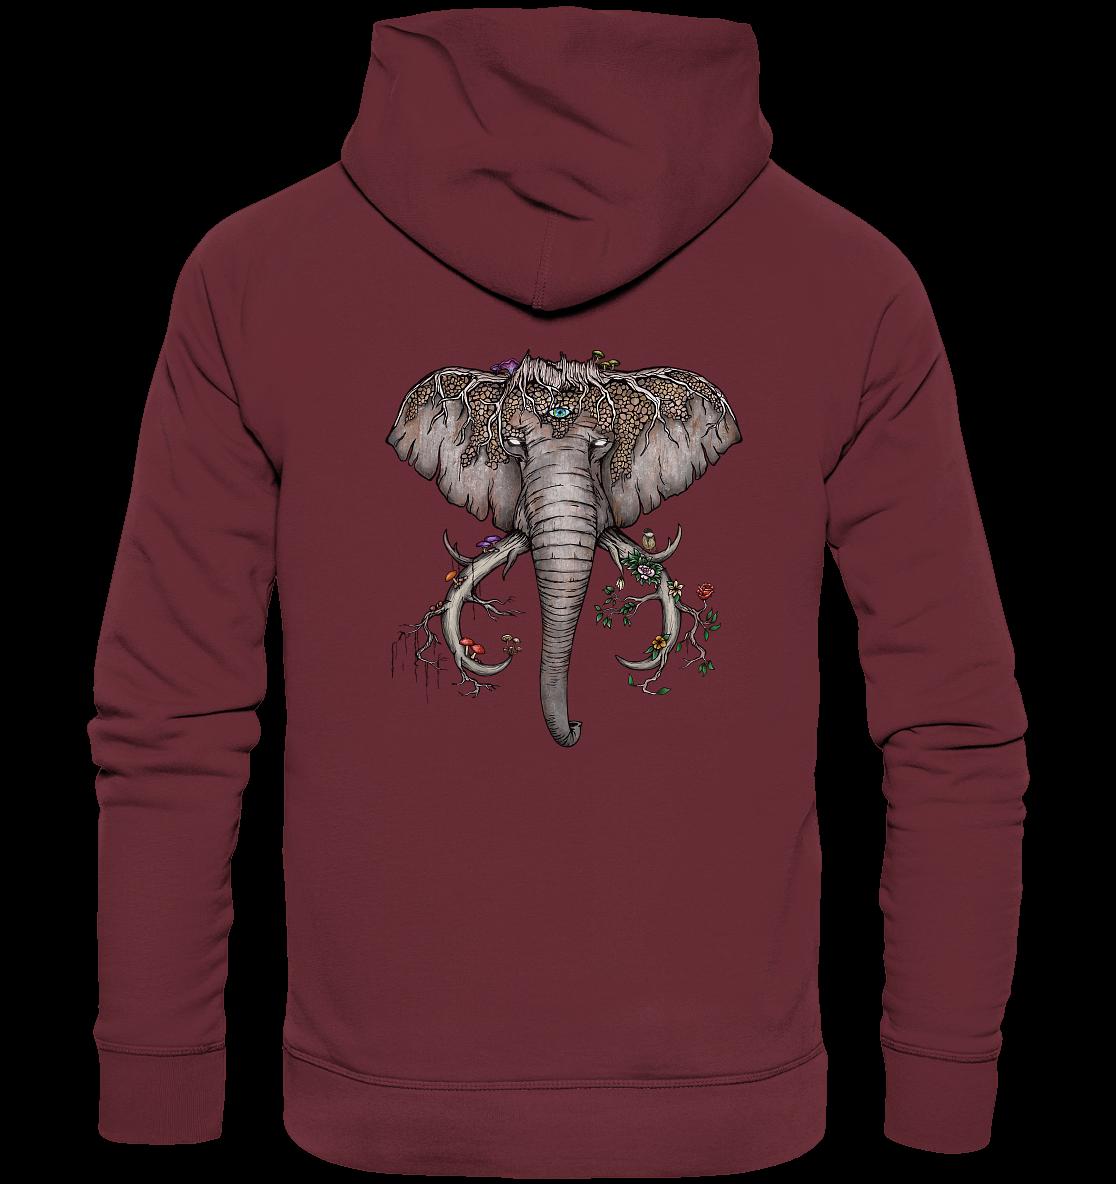 back-organic-fashion-hoodie-672b34-1116x-1.png